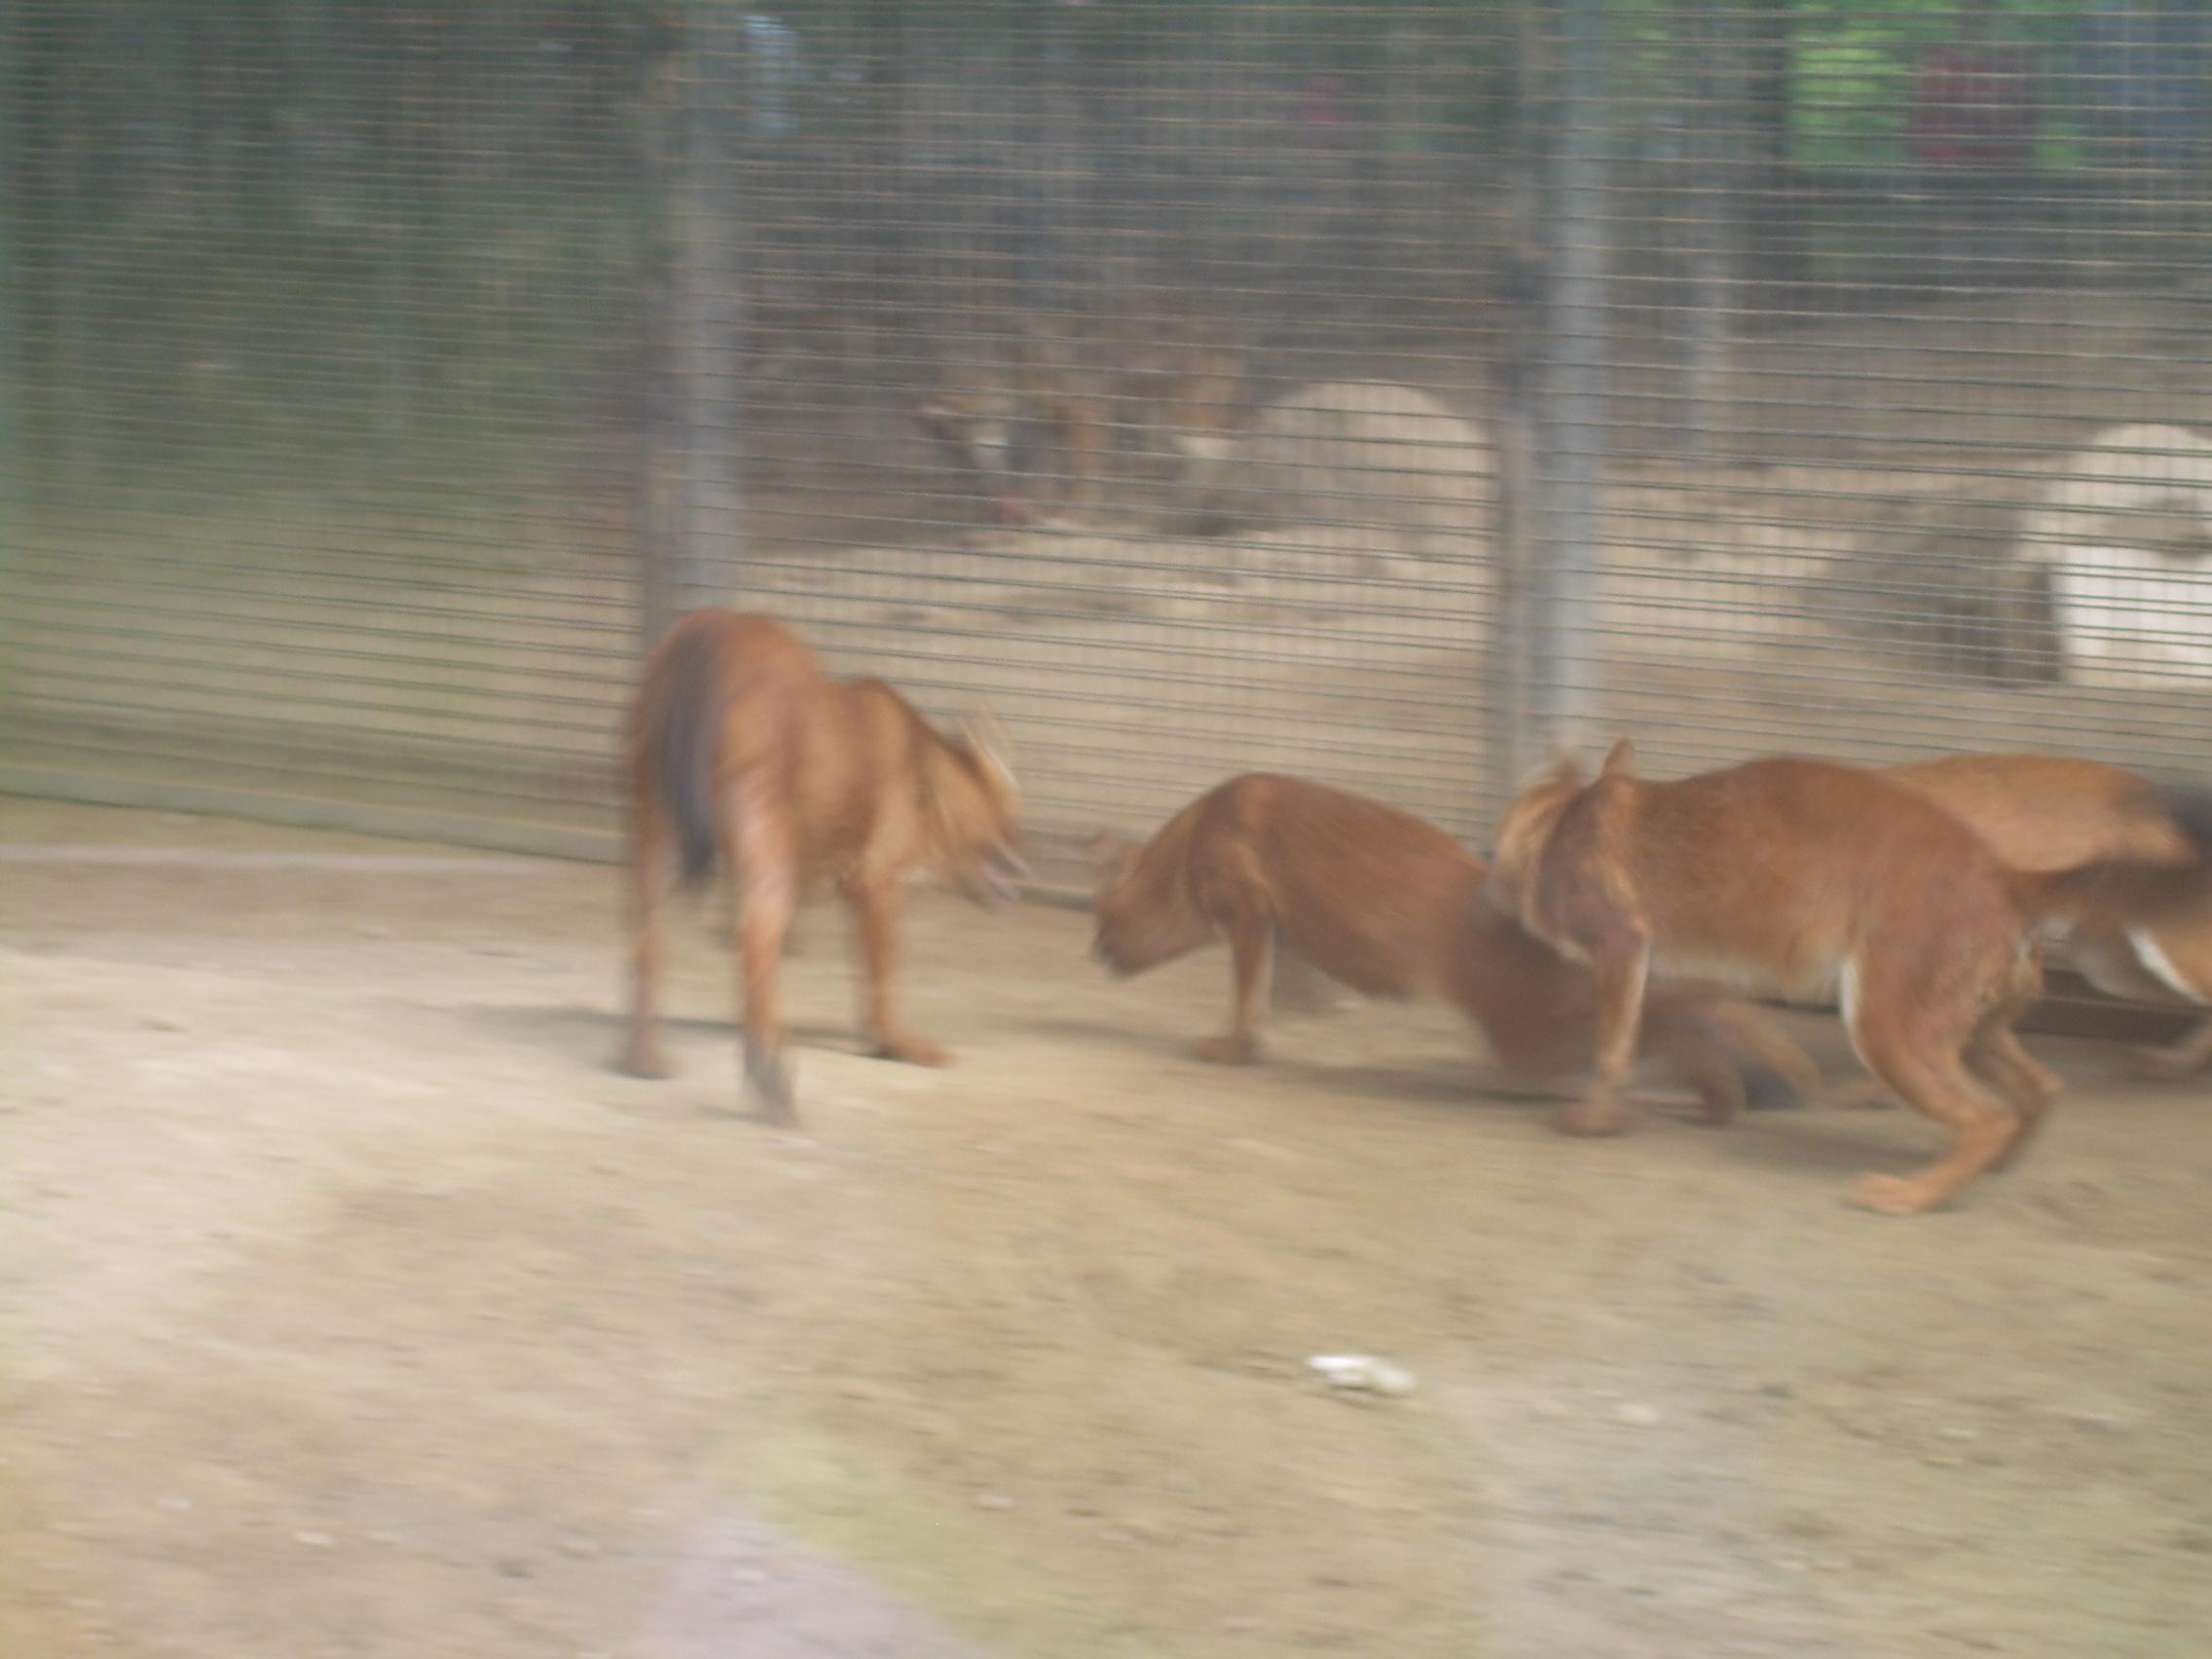 动物园里看狼 - 北京游记攻略【携程攻略】